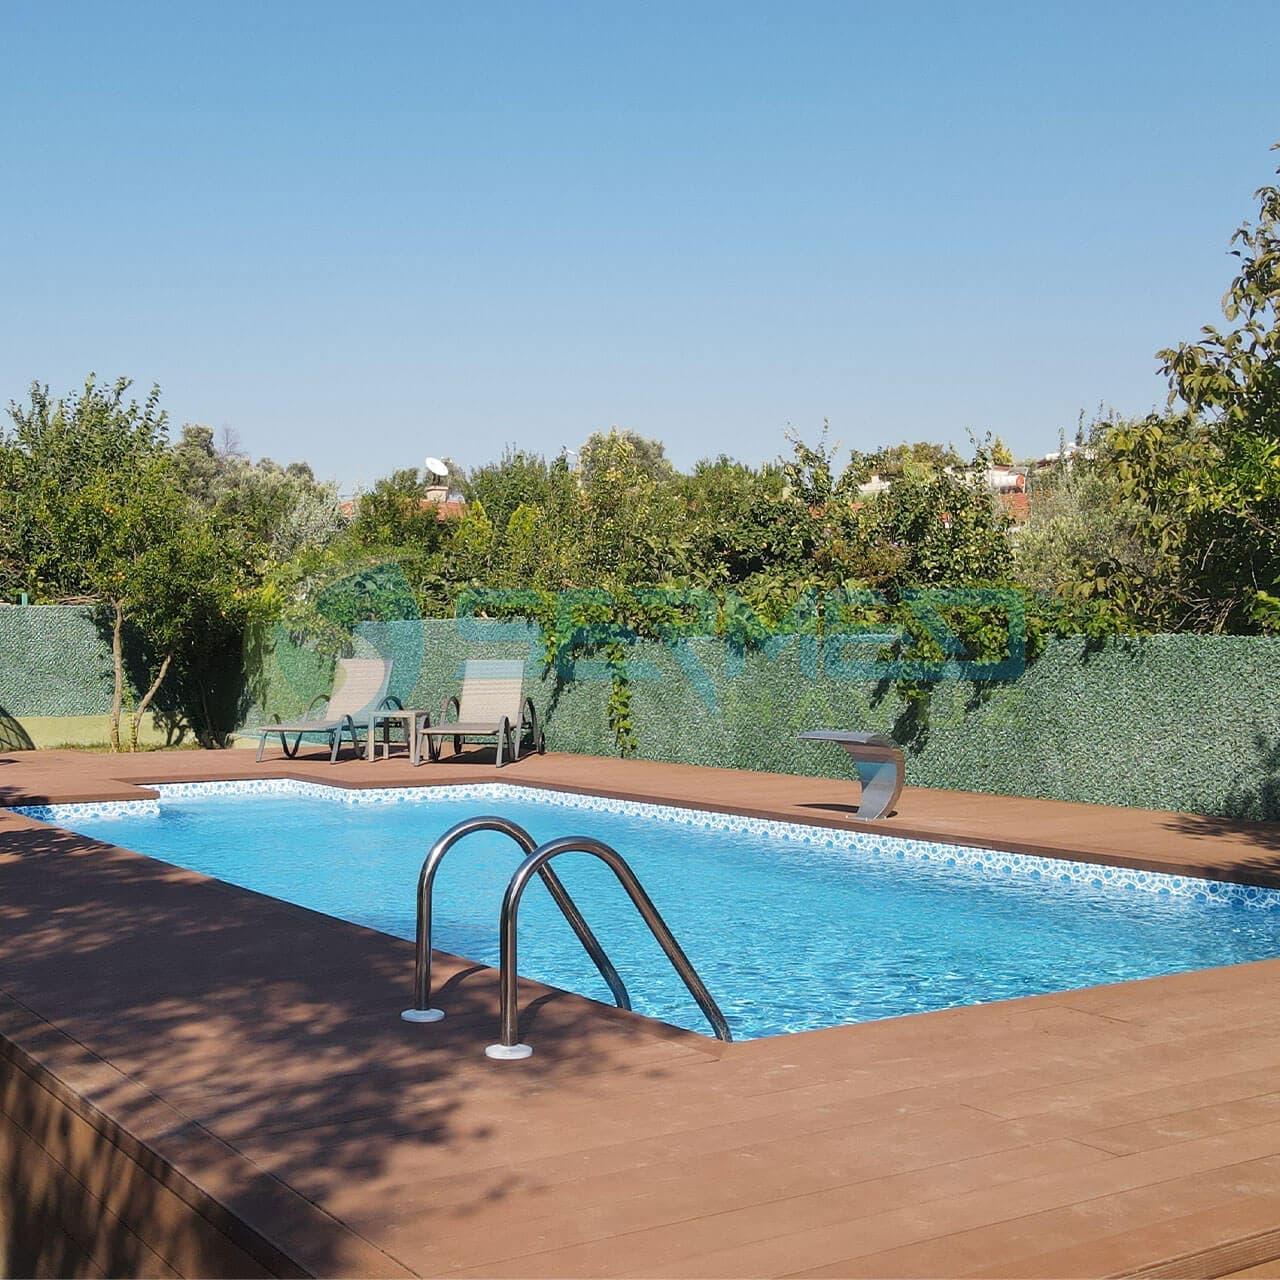 İzmir Gül hanım Fipool Zeminüstü Panel Havuz Sermed Havuz Firması tarafından yapıldı.